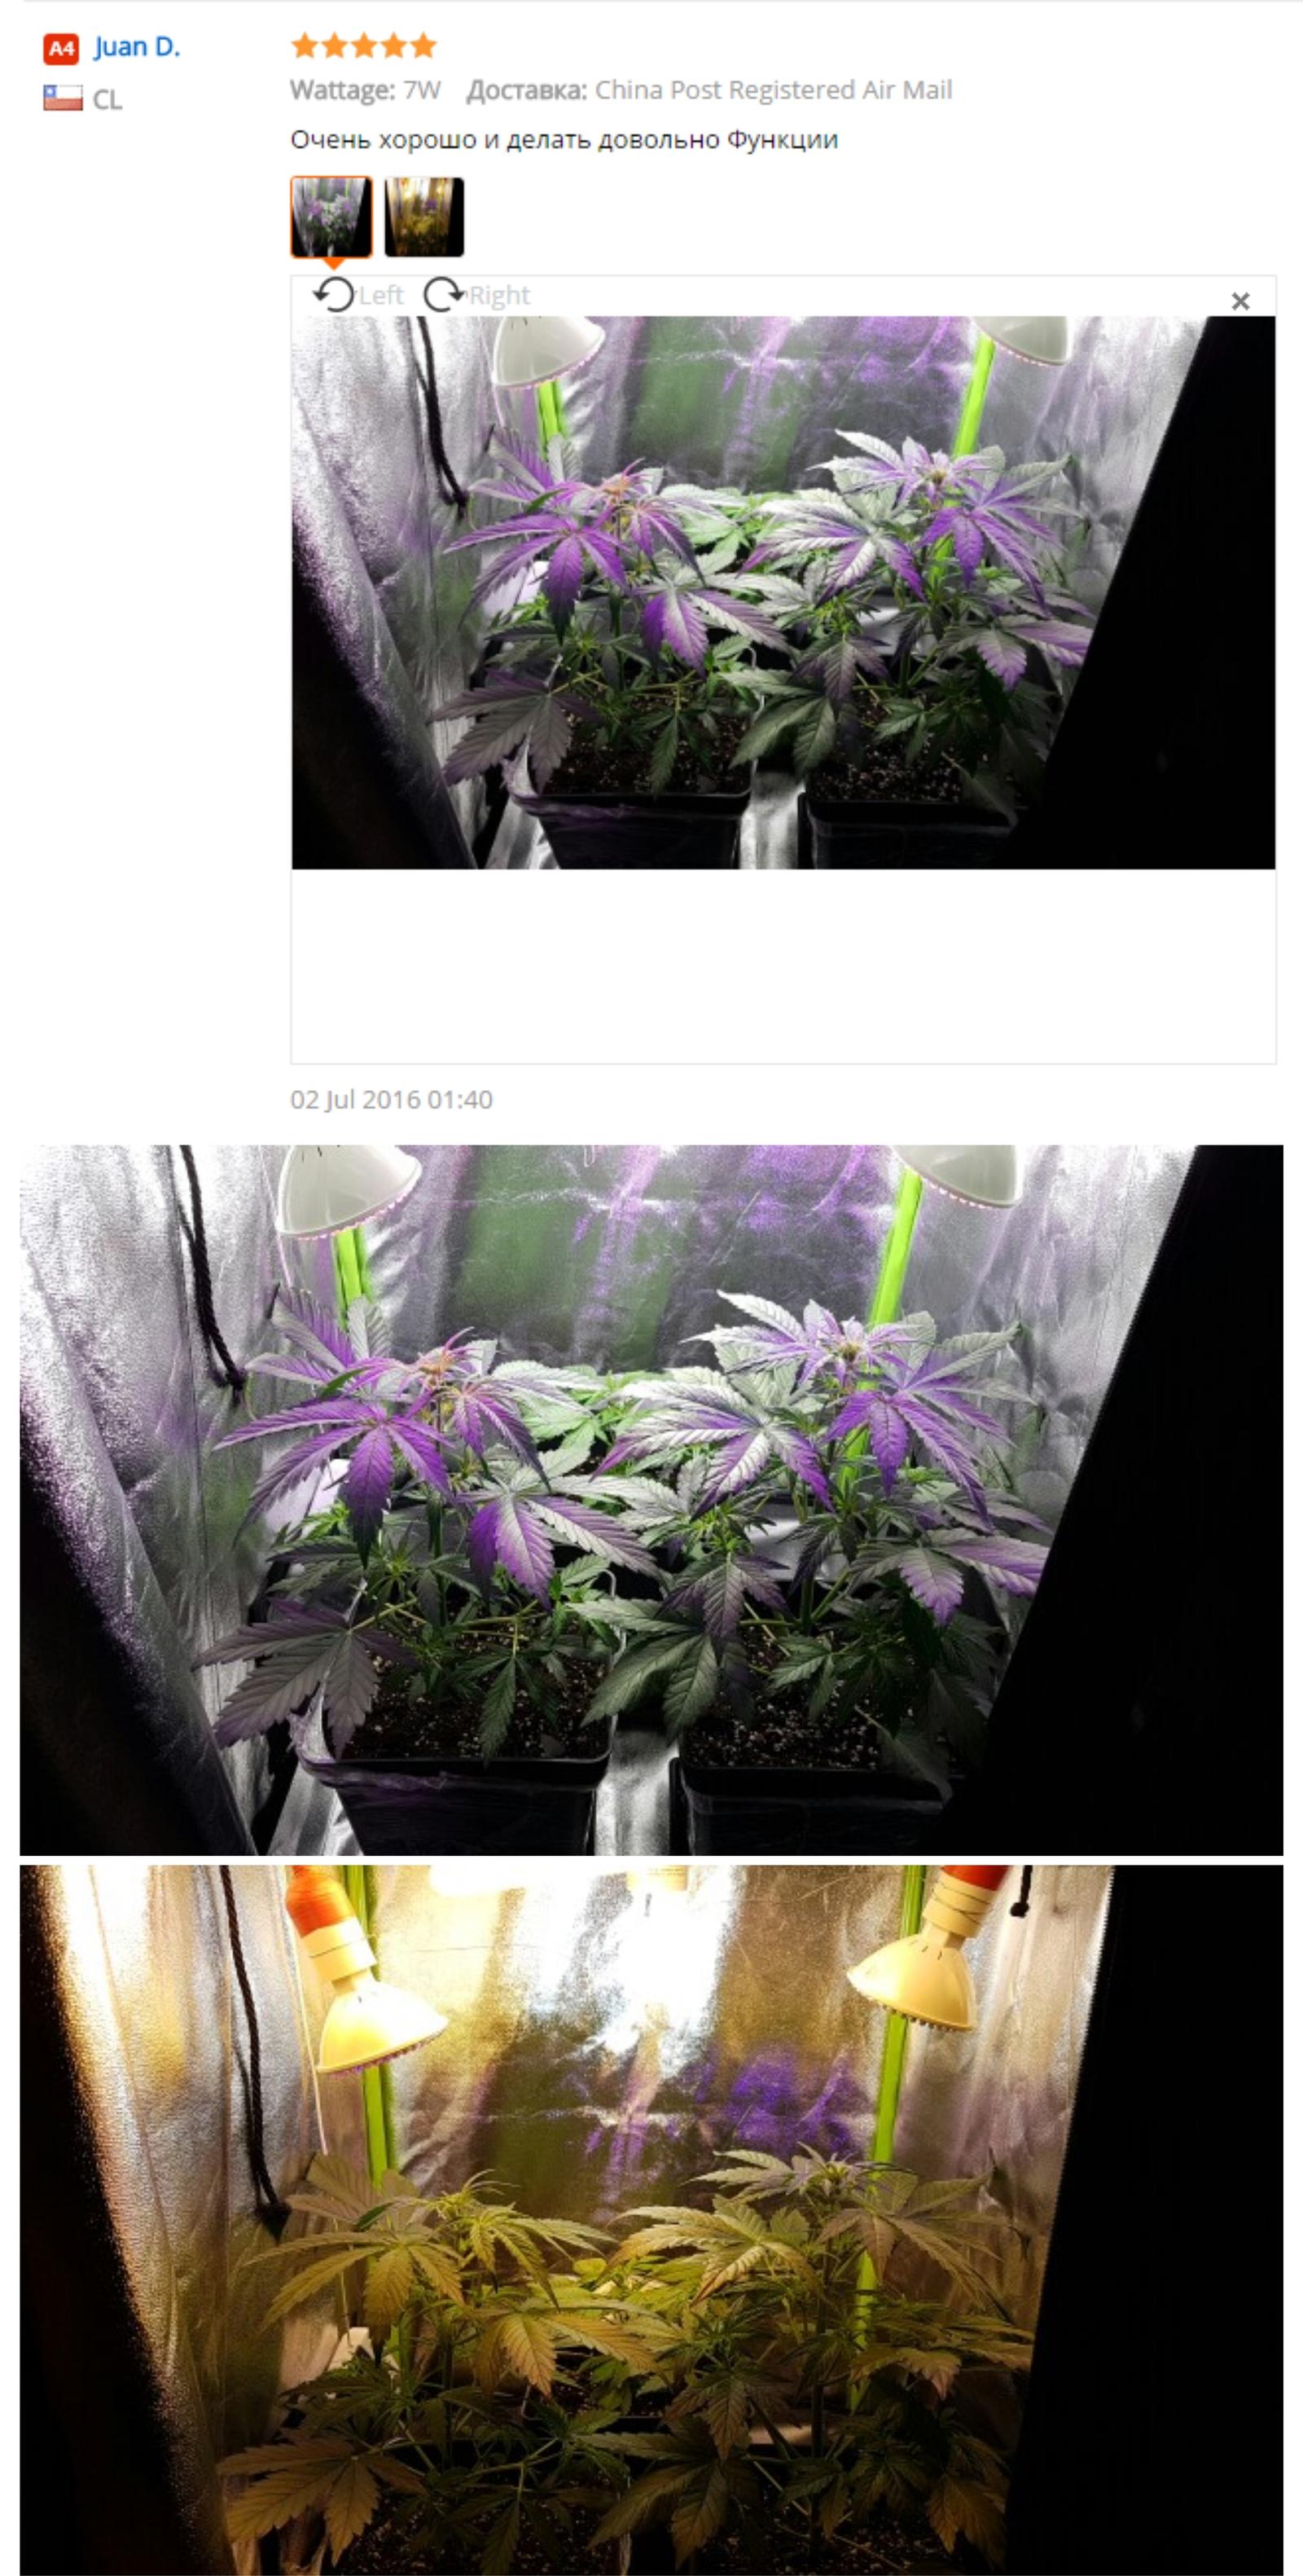 Что за растения в китае которое похоже на хуй